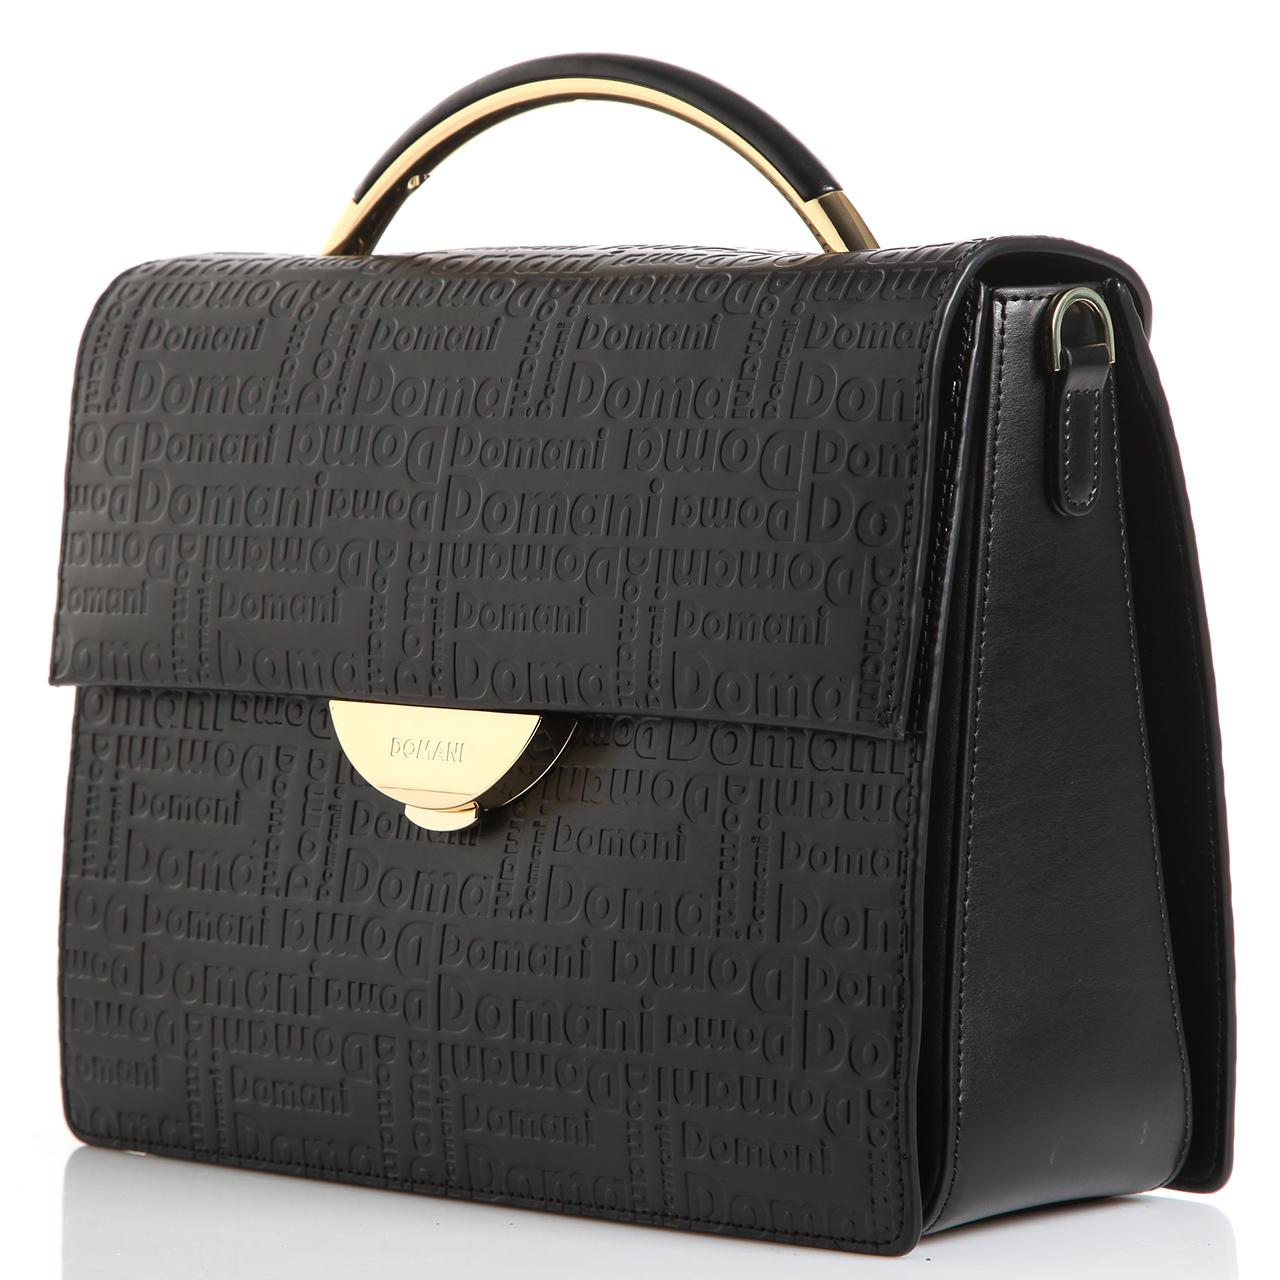 aac444205e77 Кожаные сумки купить в интернет-магазине Домани (Domani)